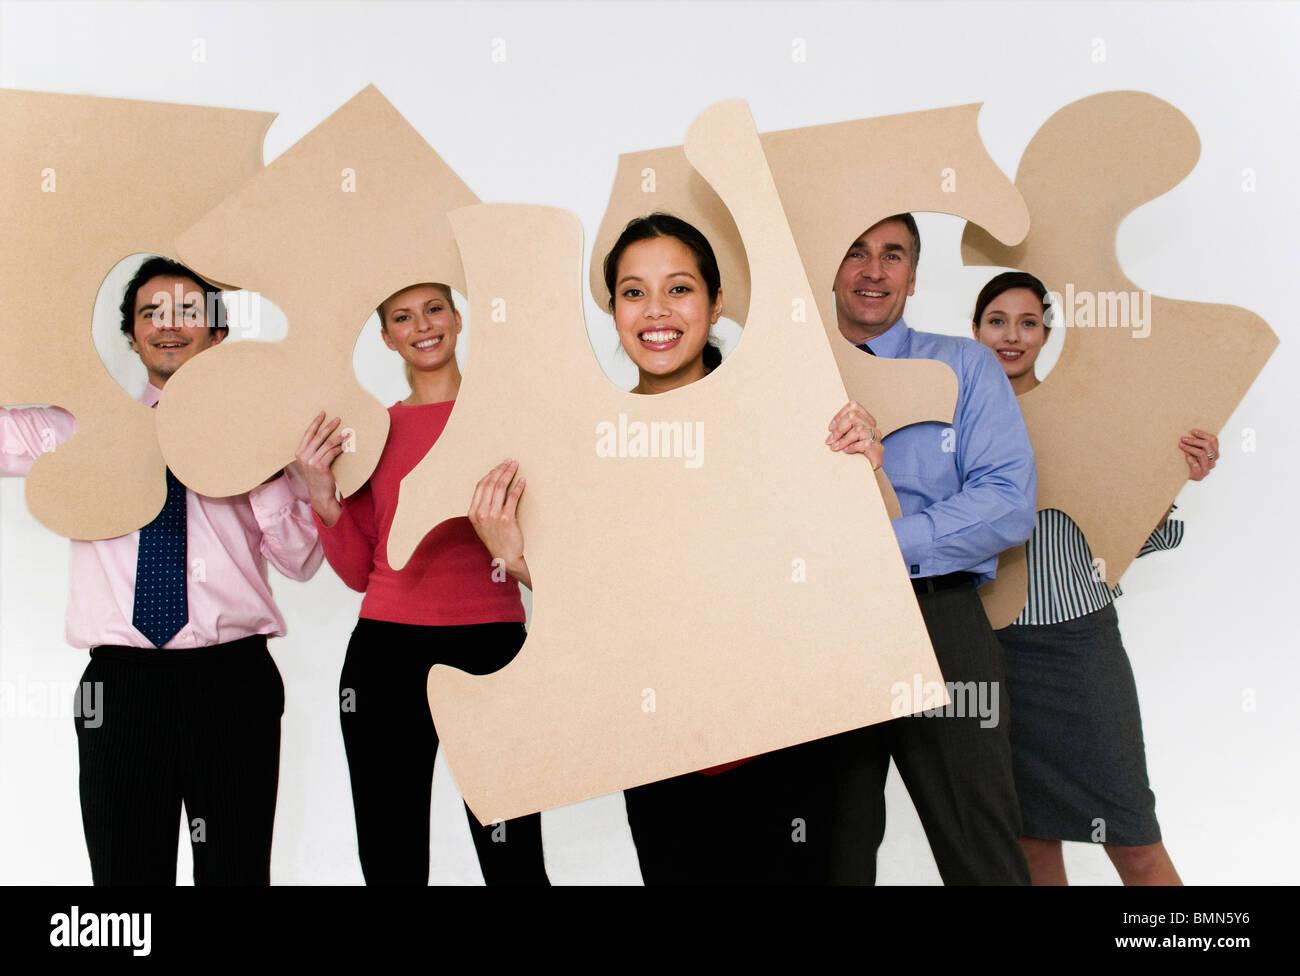 Sujetar piezas de rompecabezas de equipo Imagen De Stock